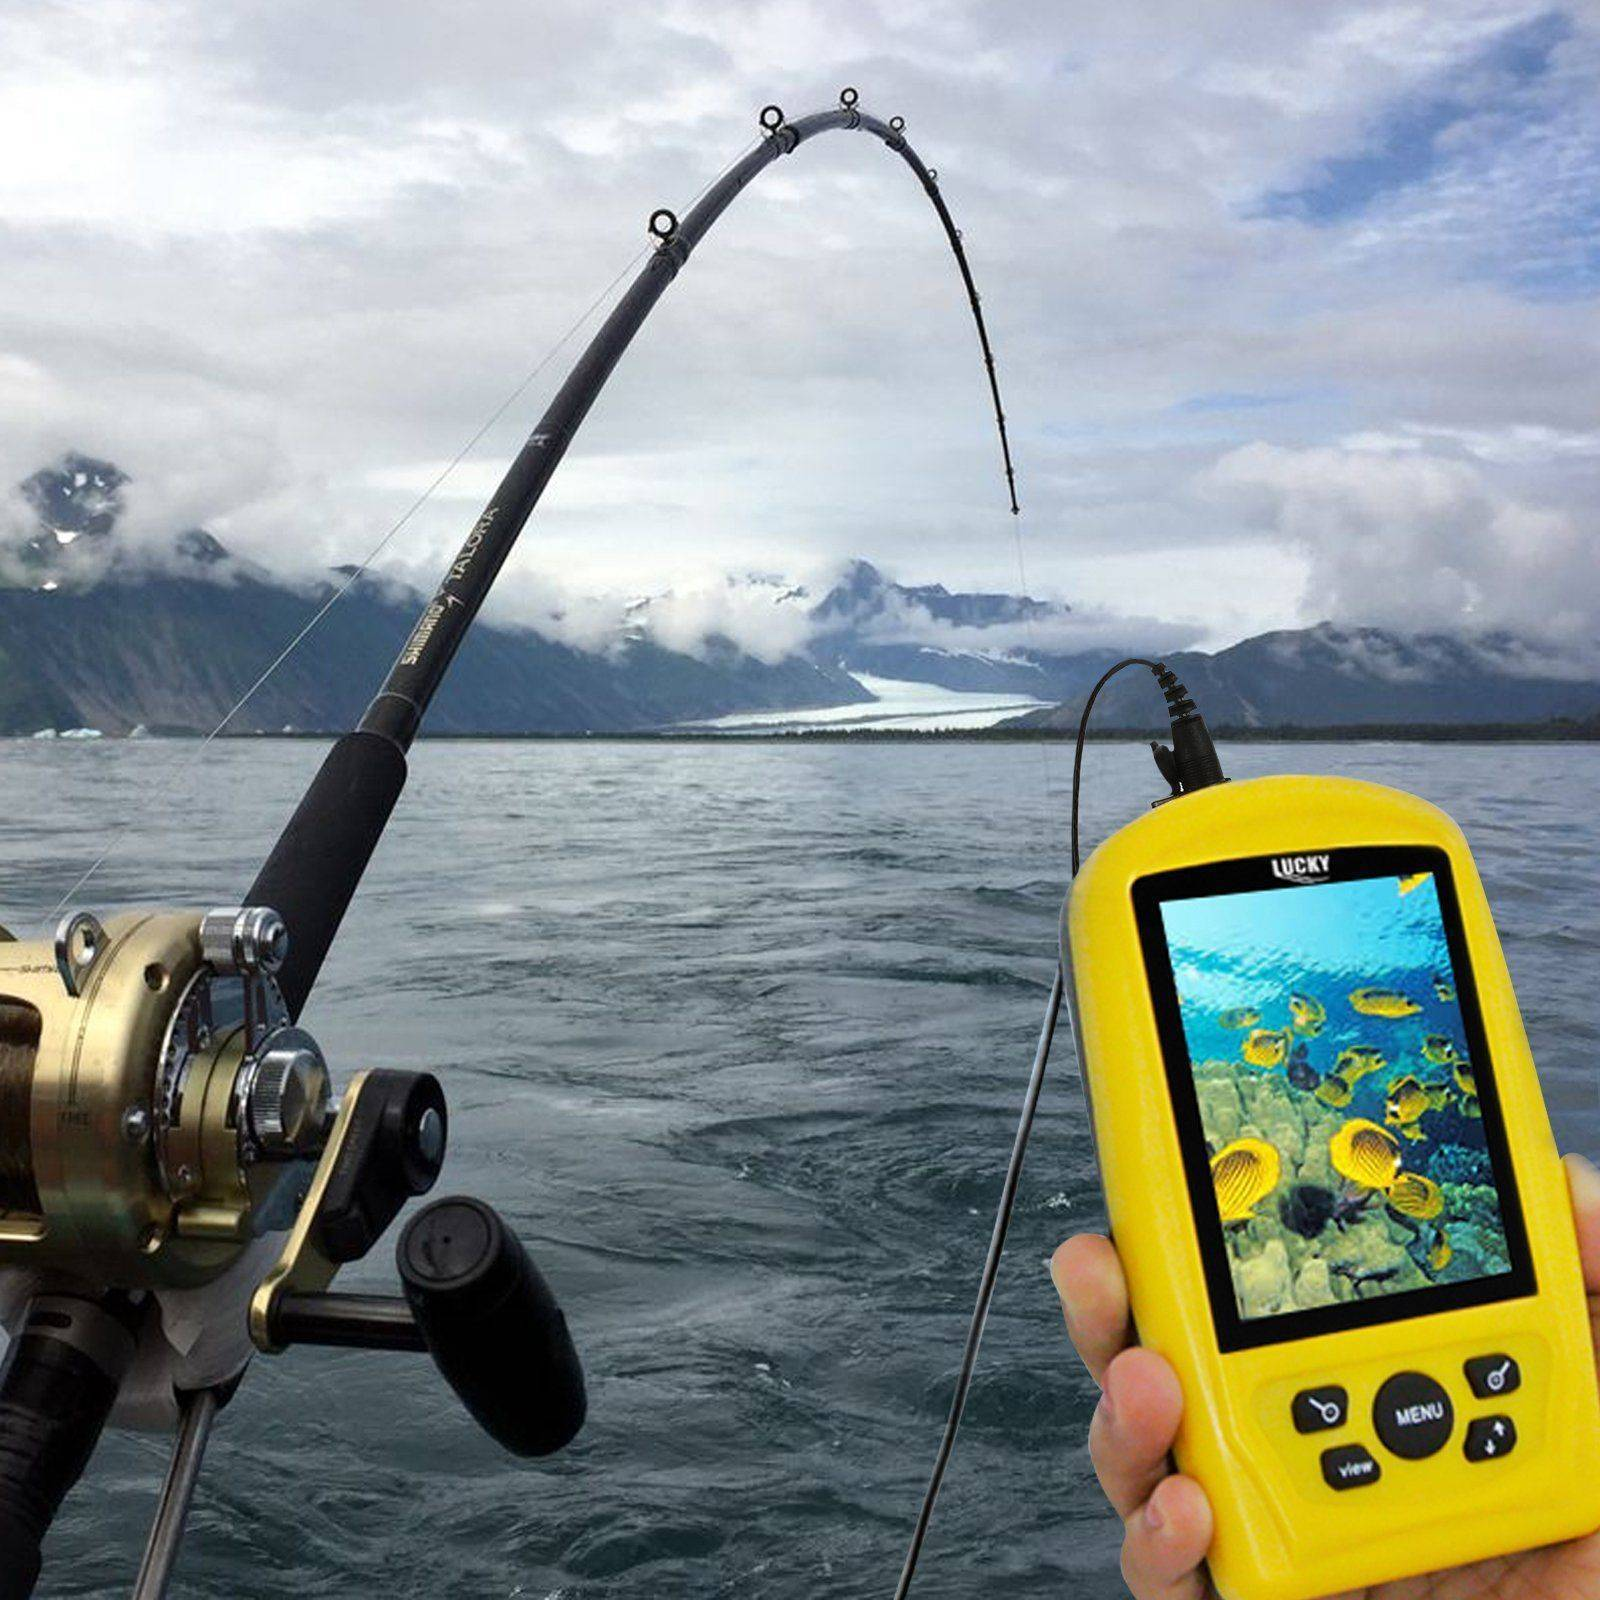 Камера для рыбалки, летней подводной и зимней подледной, лучшая бюджетная, характеристики и схемы, для берега, лески и поплавка, производители